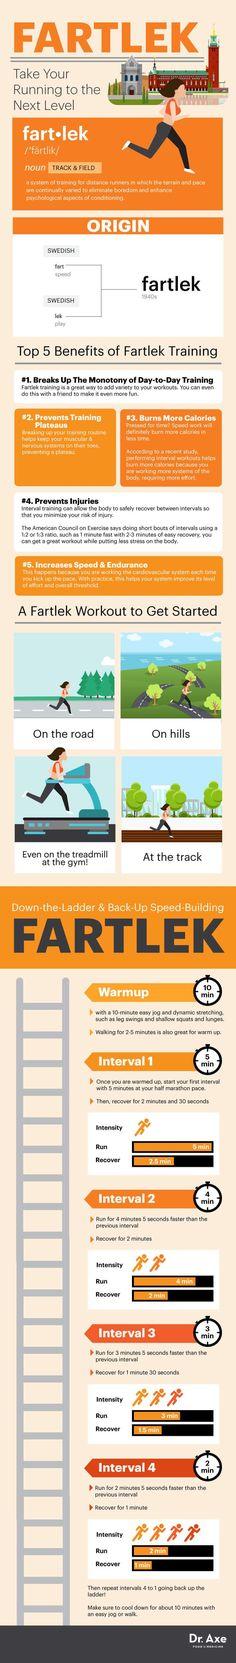 Fartlek - Dr. Axe